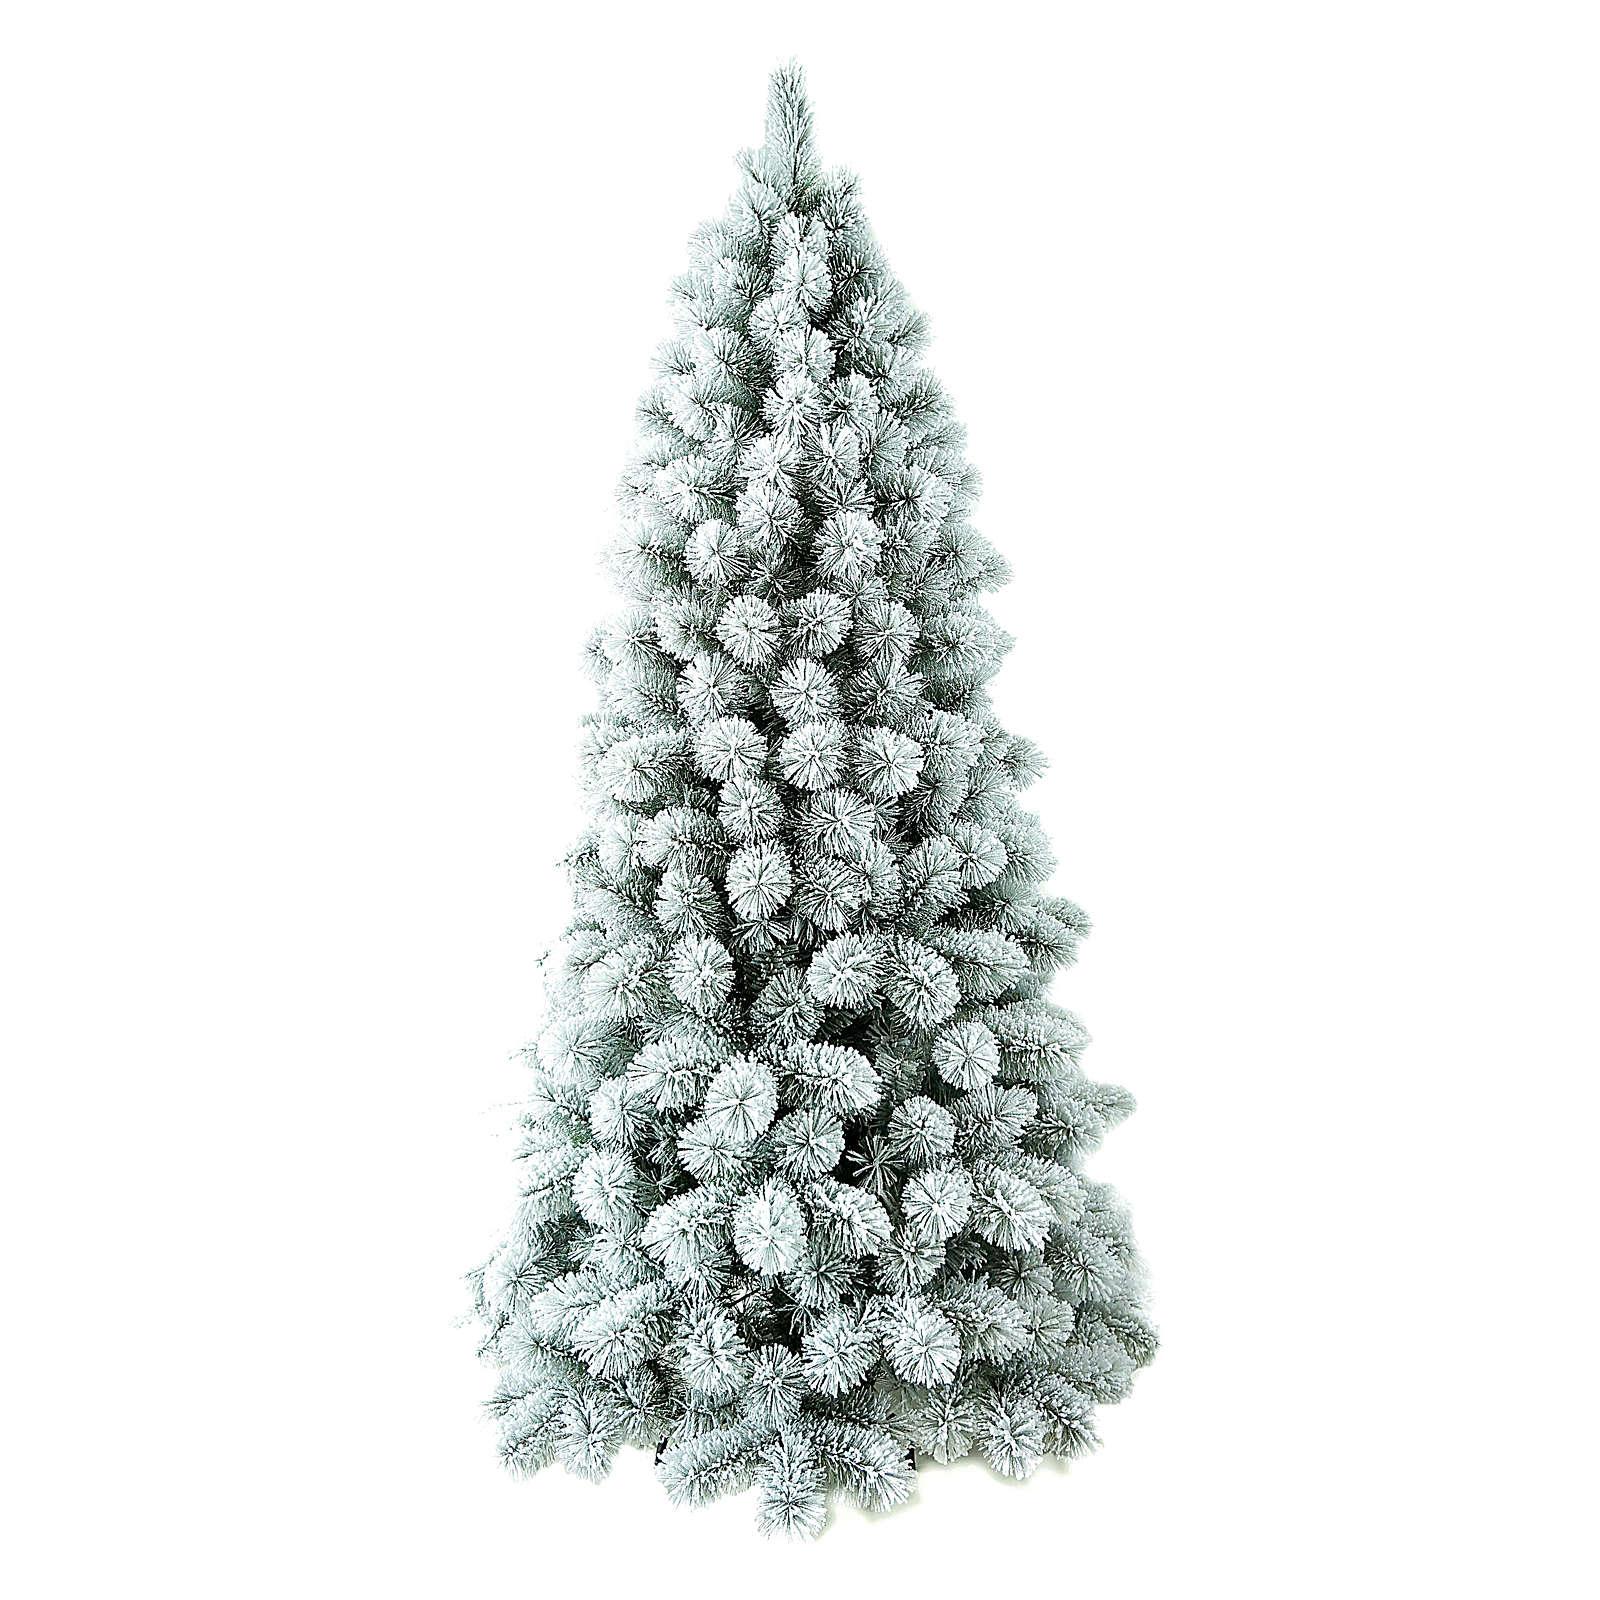 Albero di Natale 210 cm Floccato Pvc Nordend Winter Woodland 3